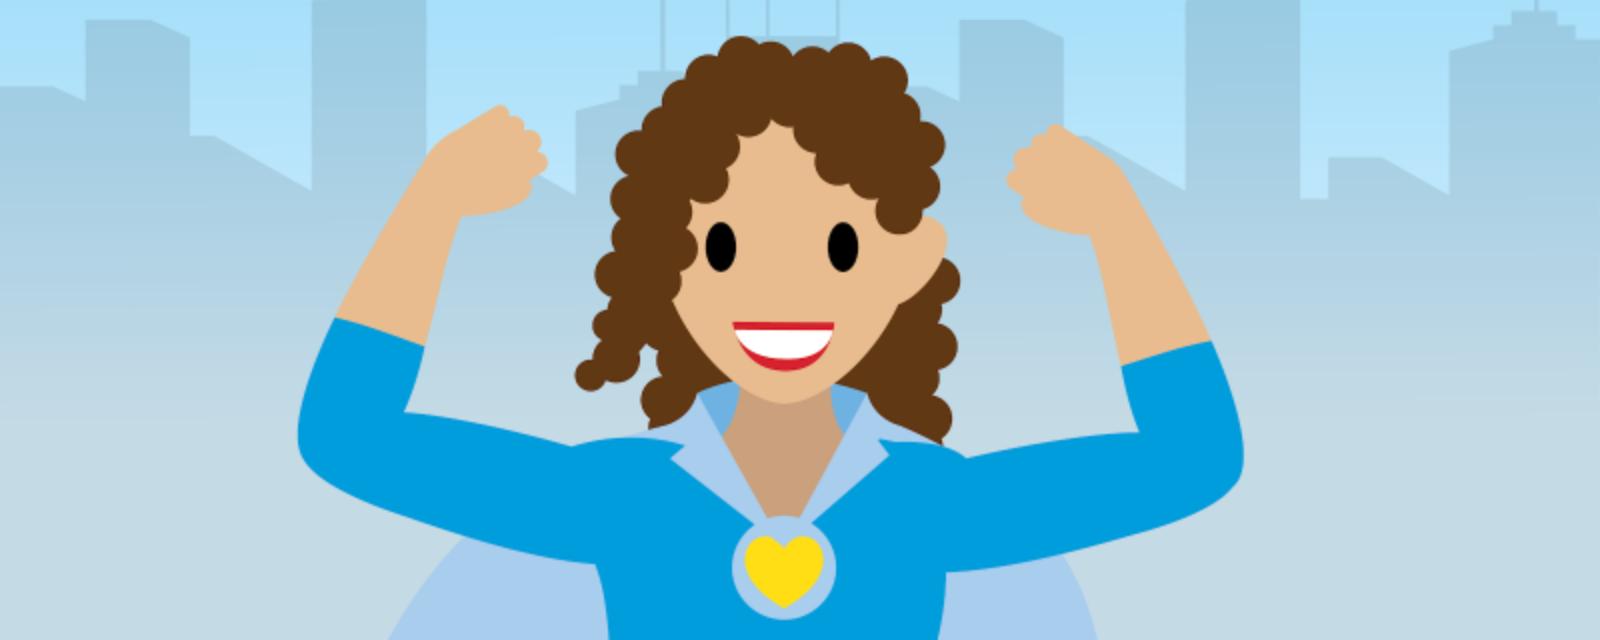 Illustration einer Frau, die ein Cape trägt und über eine Stadt fliegt.